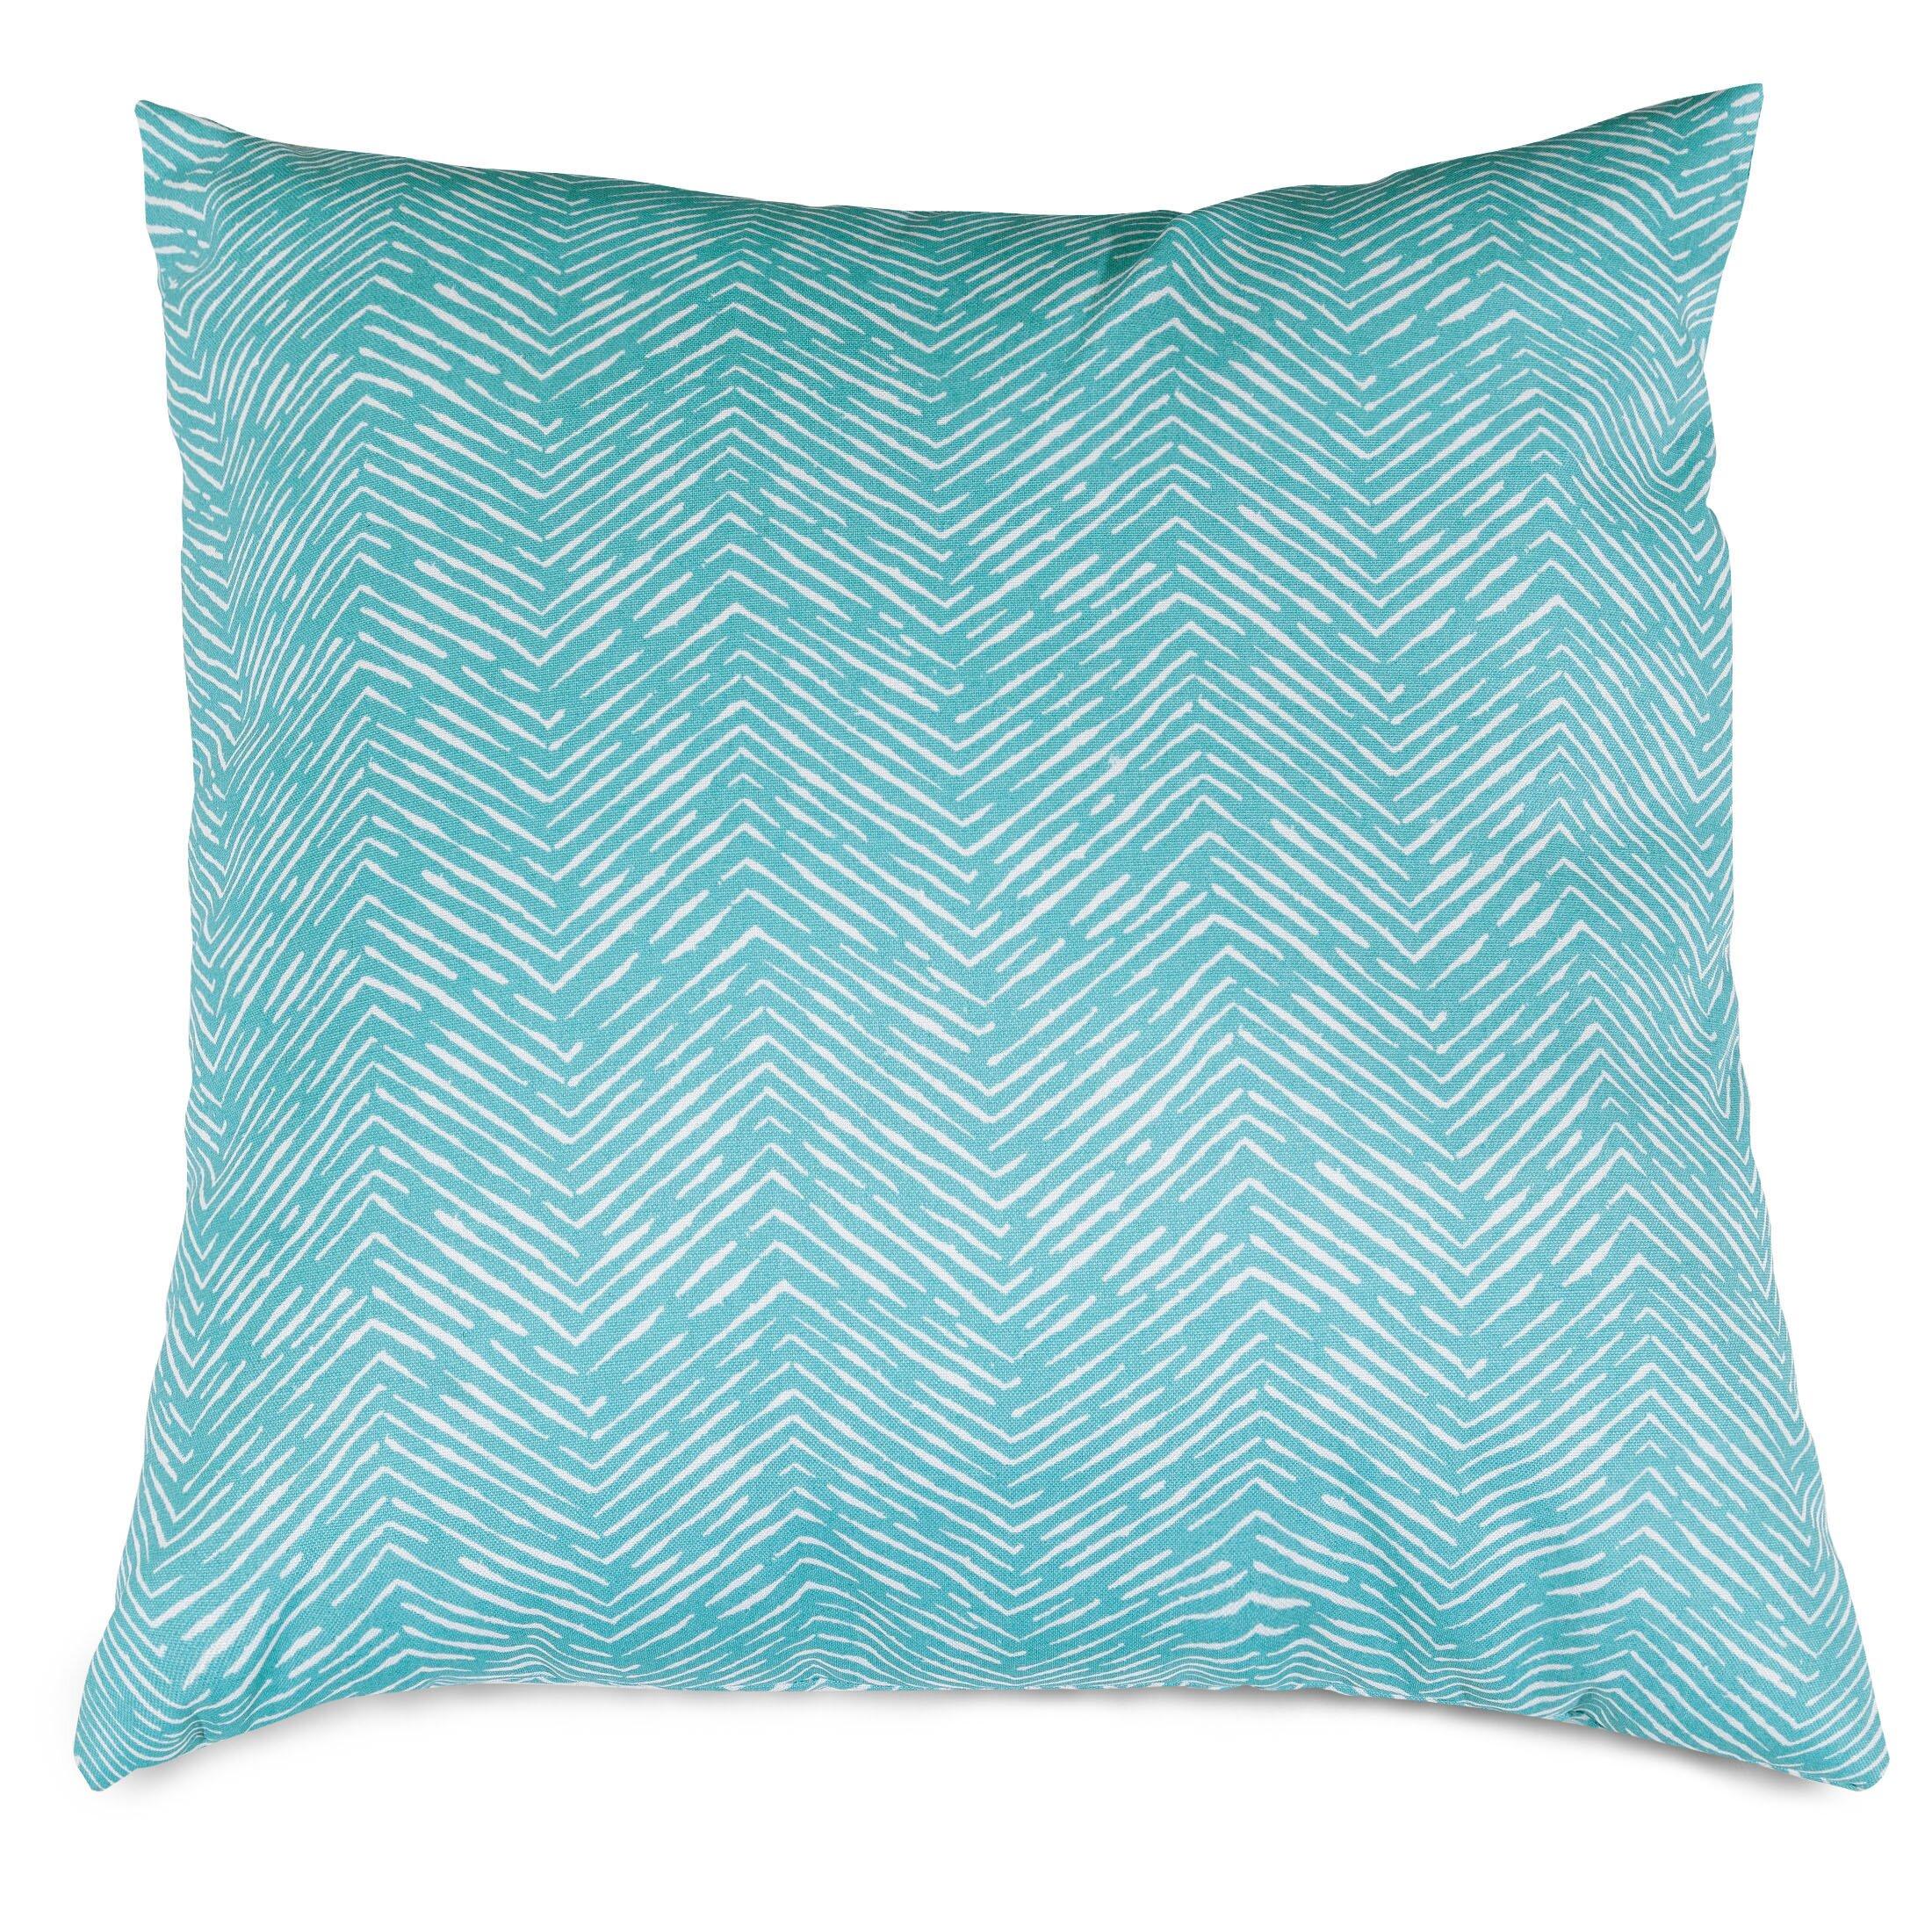 Throw Pillows Homegoods : Majestic Home Goods Navajo Indoor/Outdoor Throw Pillow & Reviews Wayfair